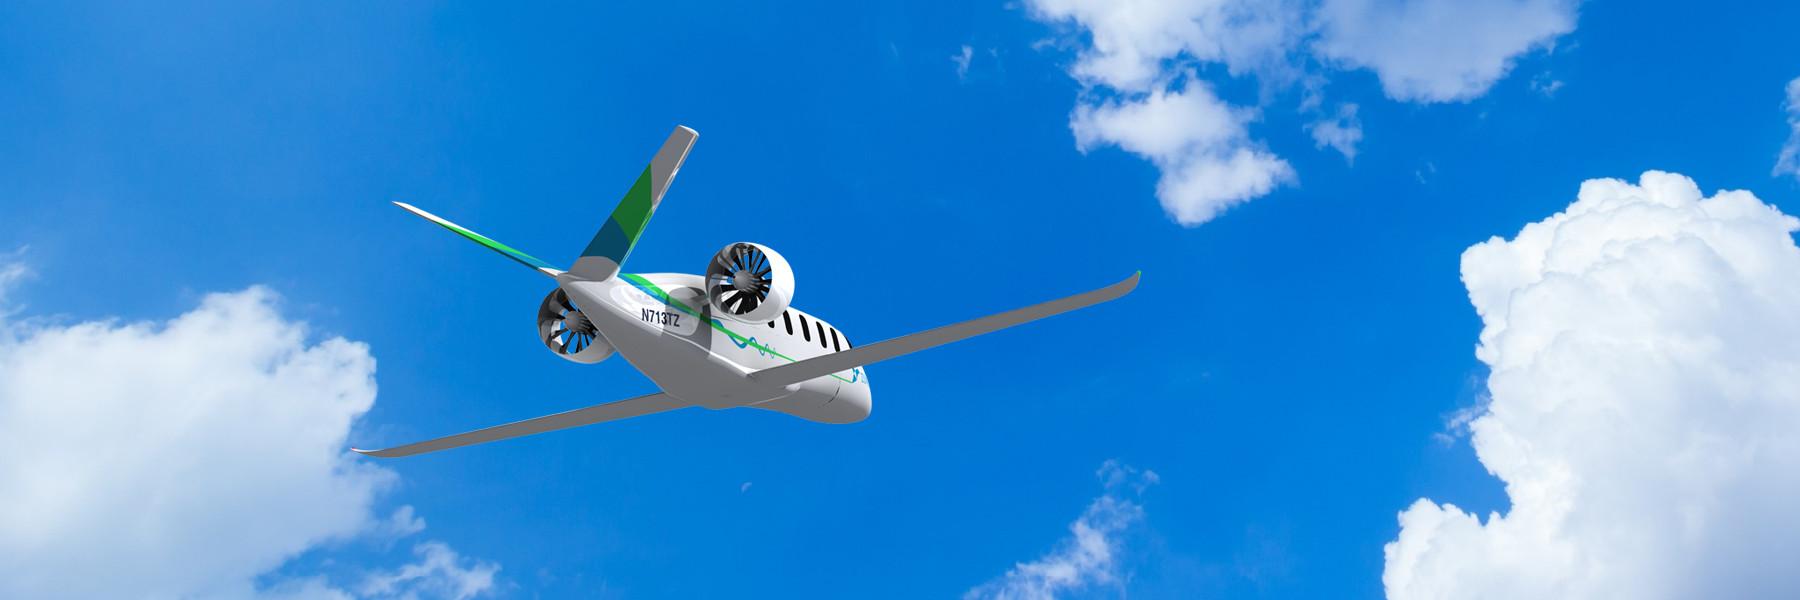 De luchtvaart moet onder de Klimaatwet gaan vallen!